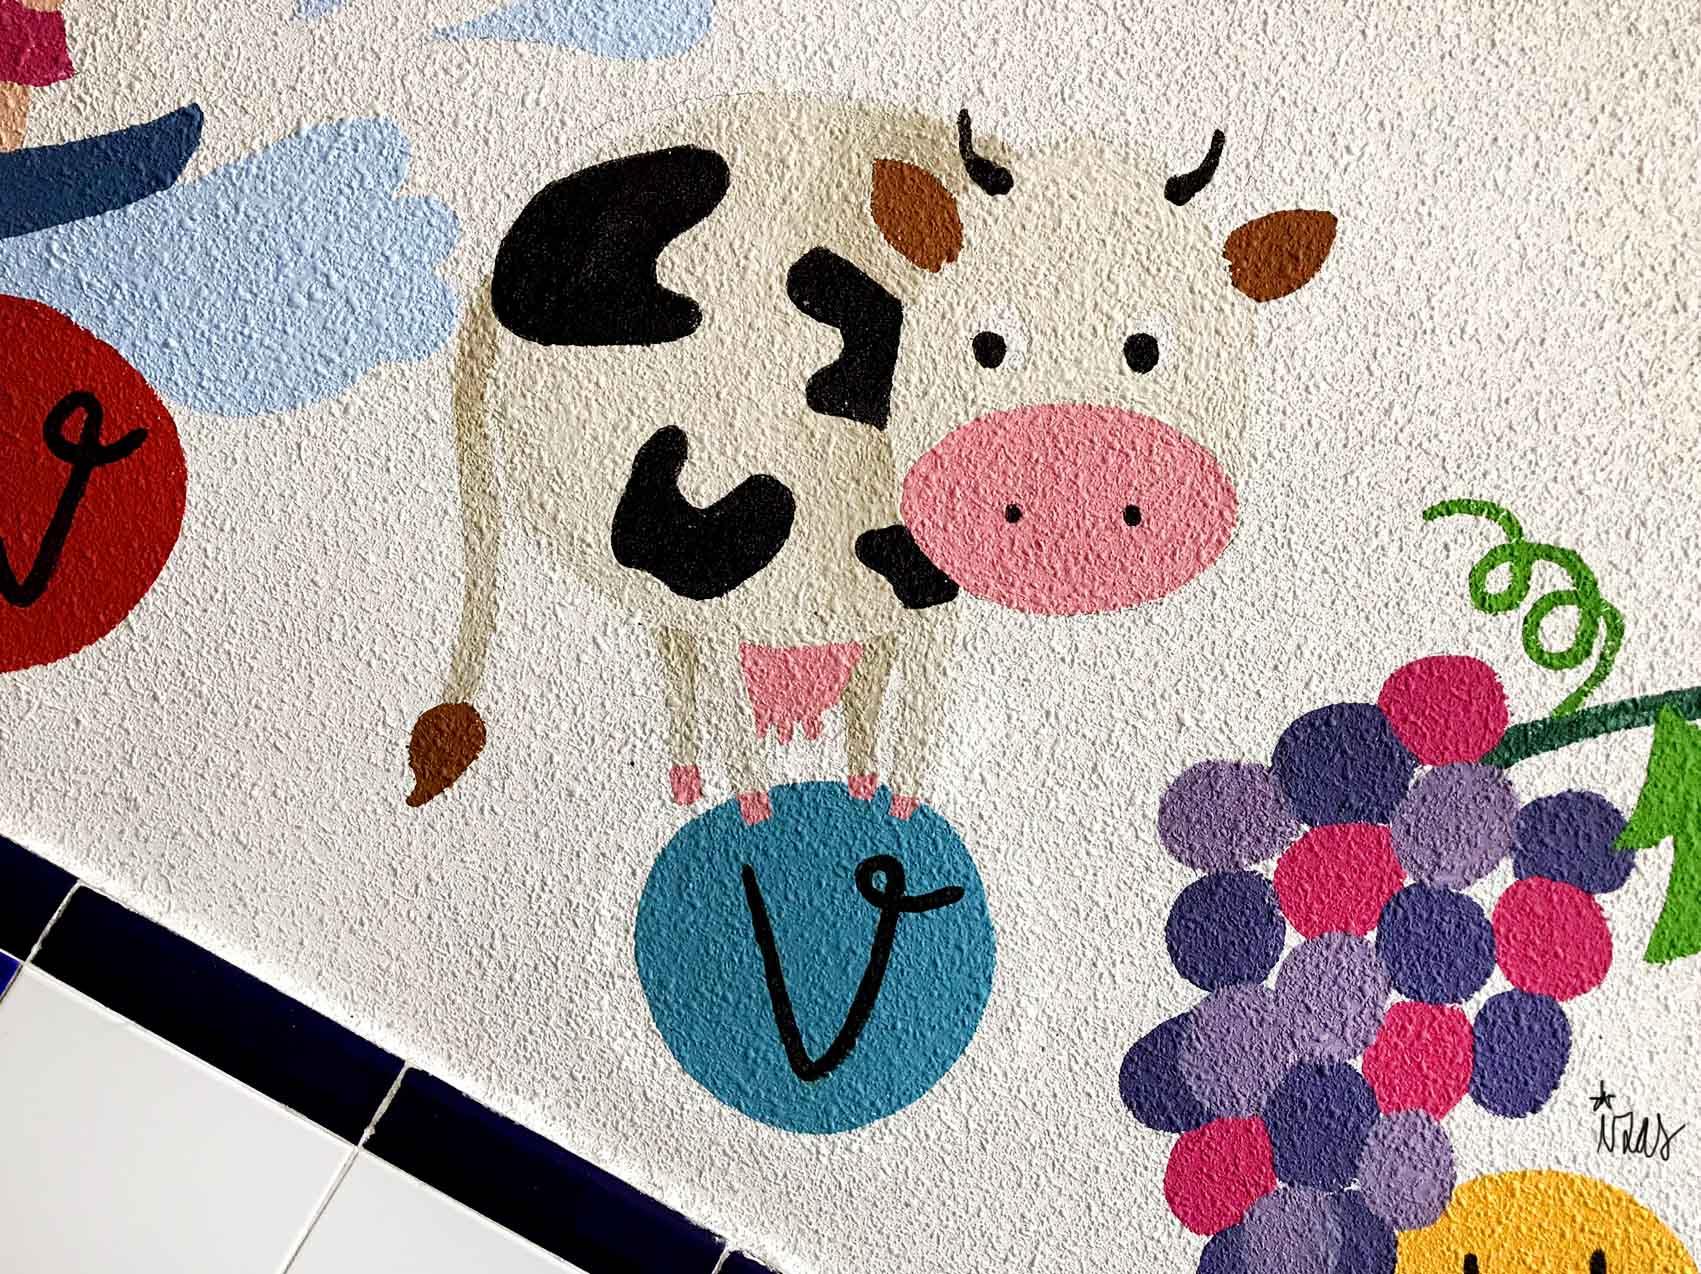 mural izas azulpatio soledad sainz escalera 2